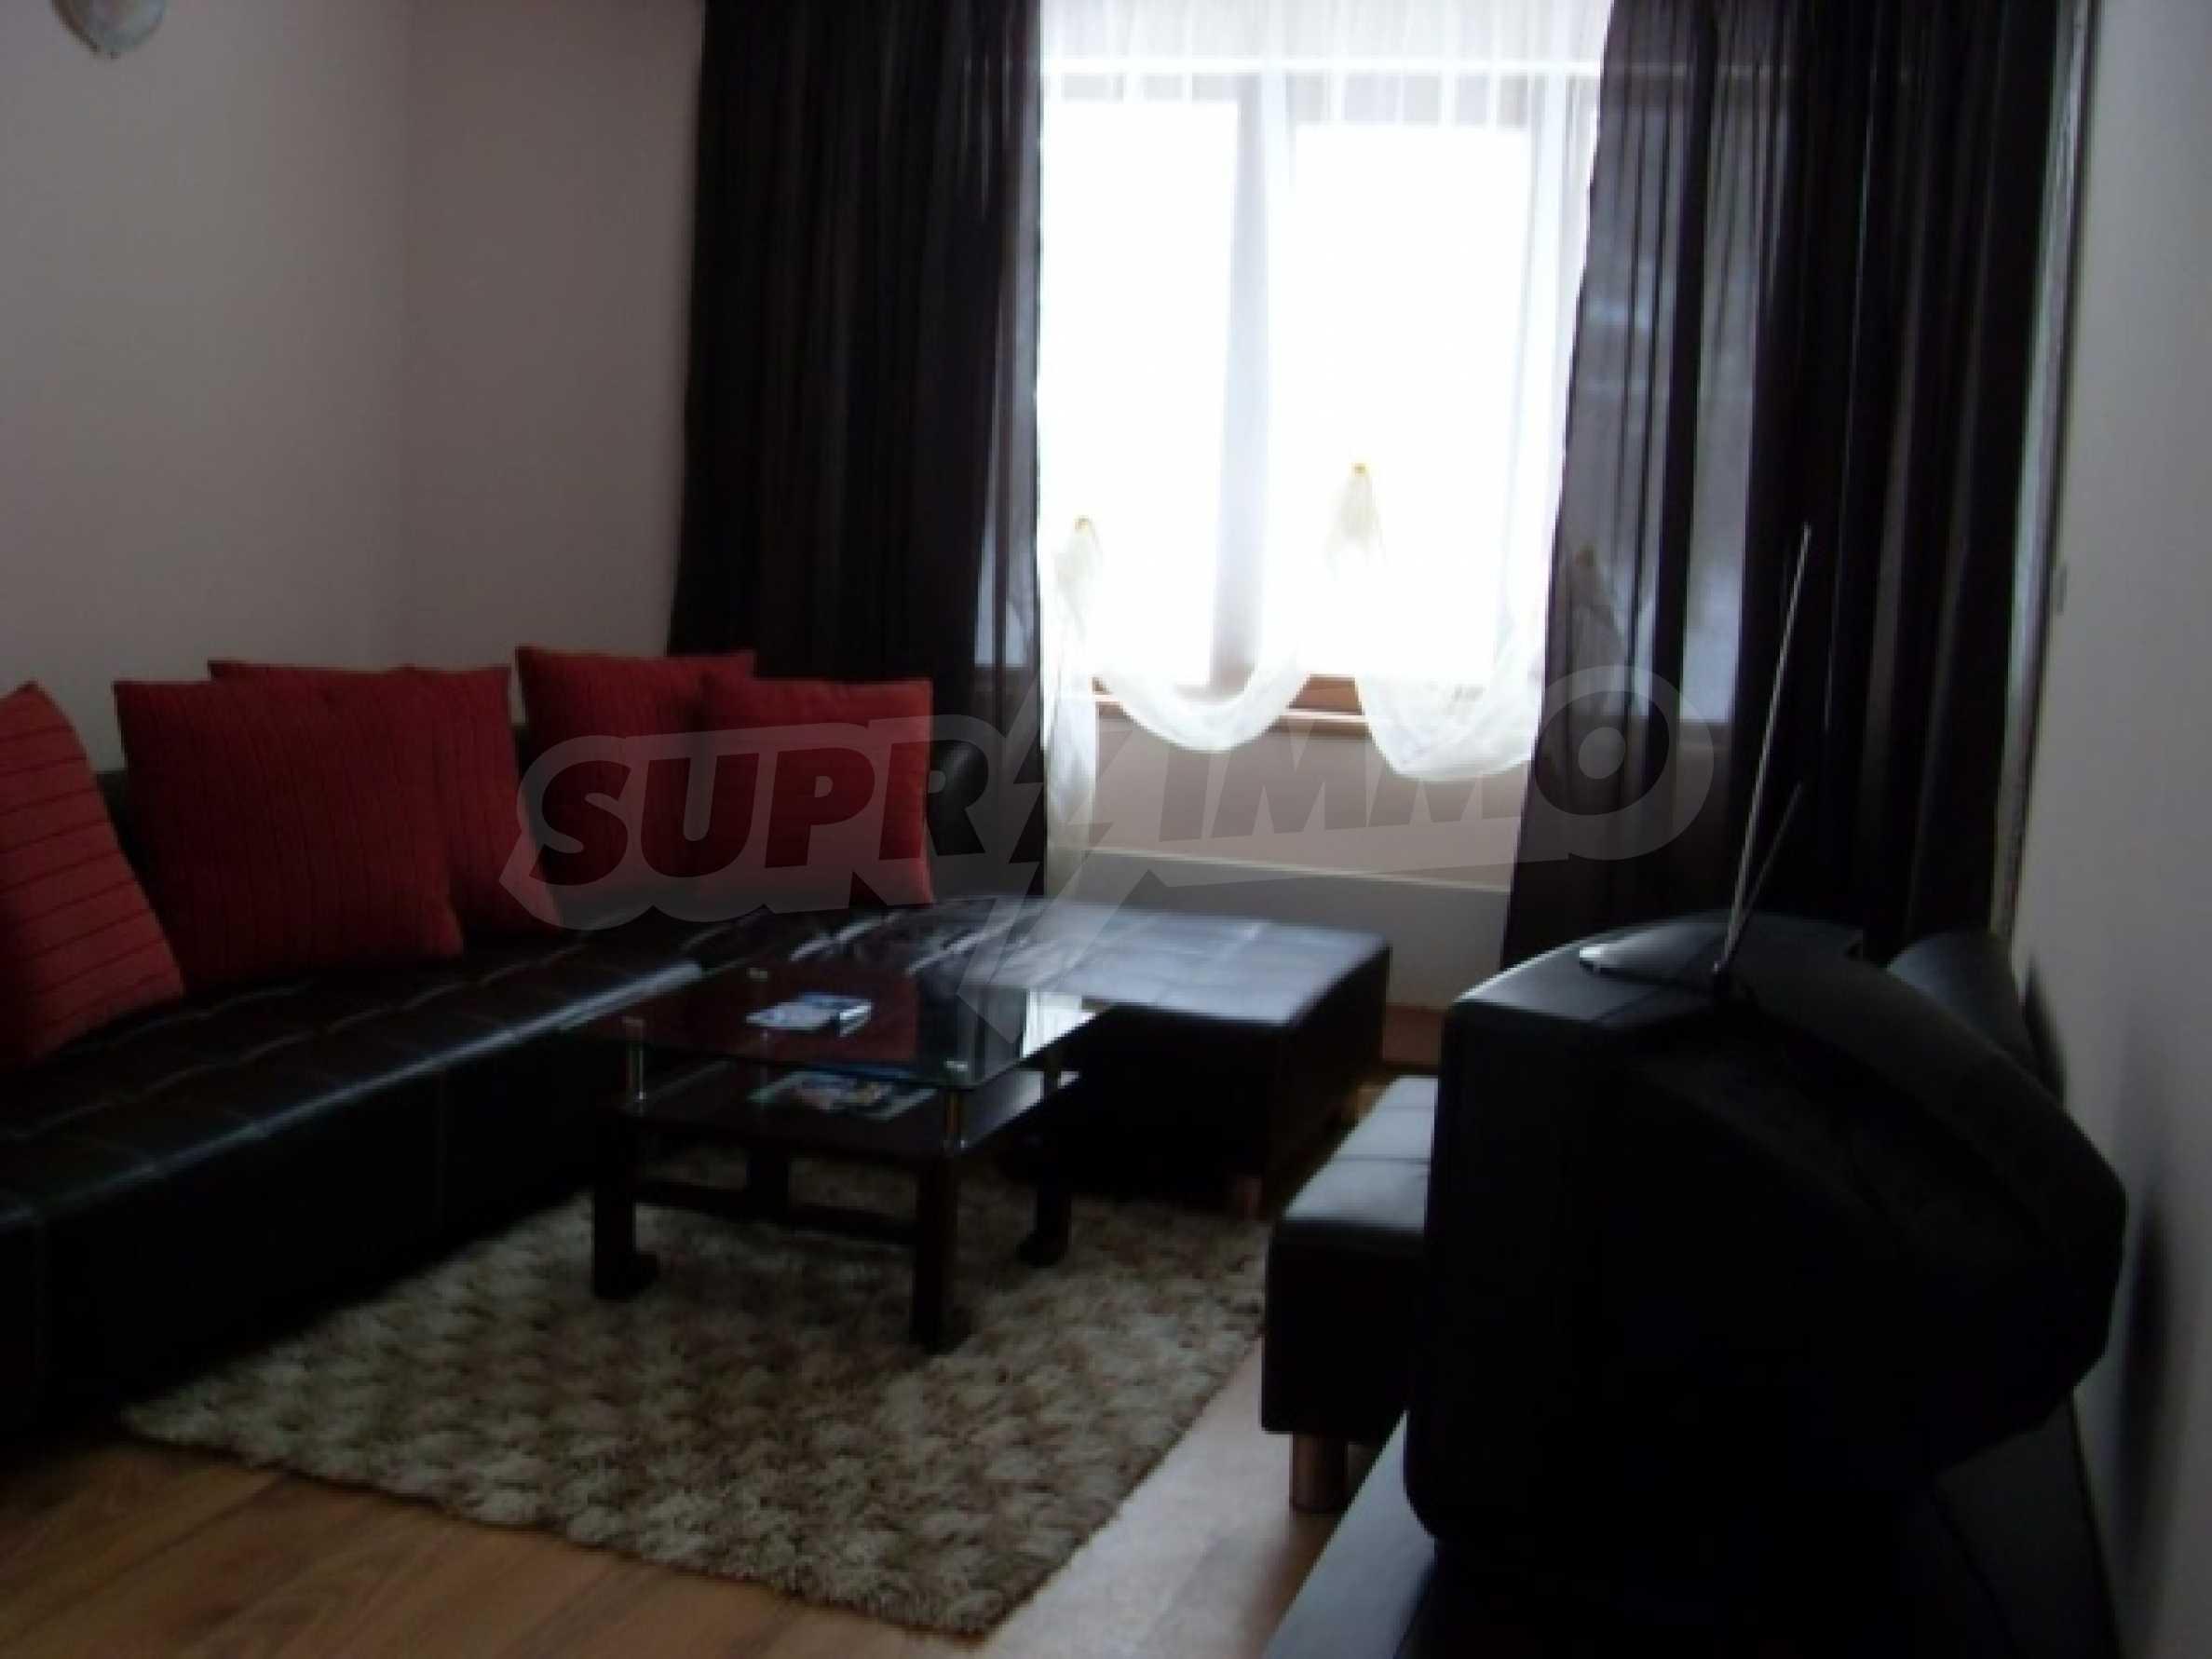 Apartment in Evrika complex 15